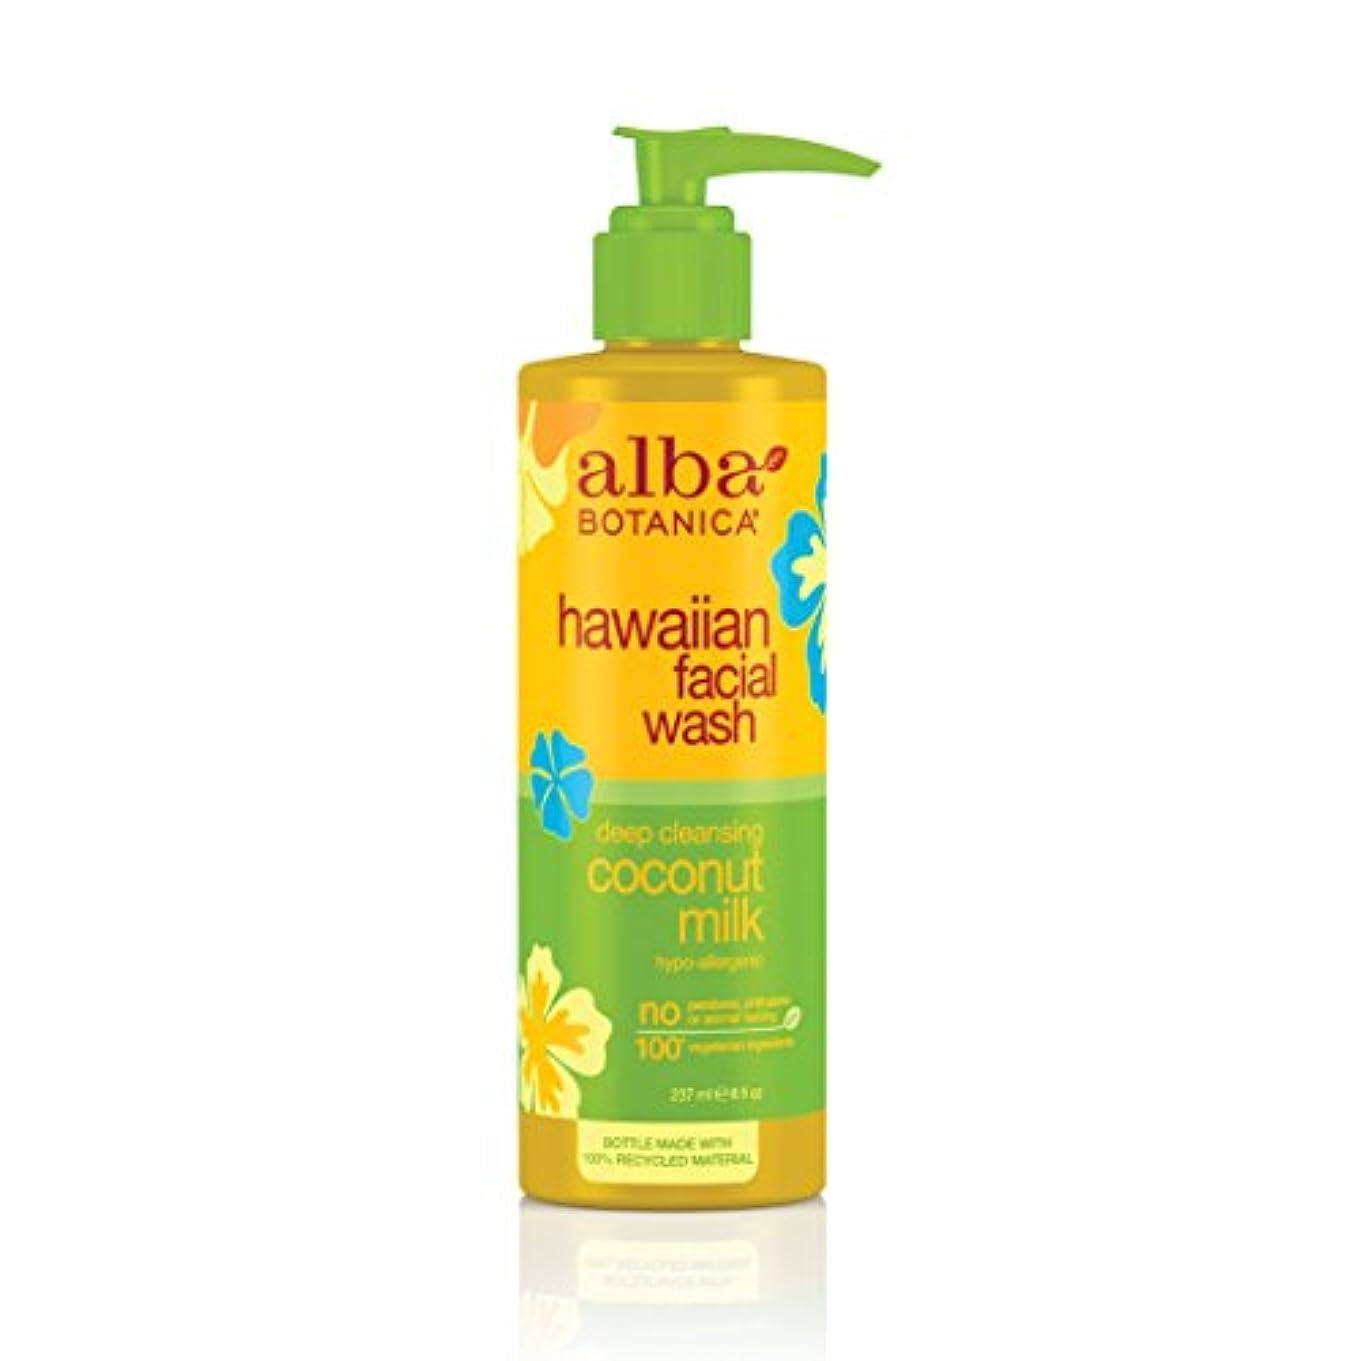 クランシー欠点純正Alba Botanica Coconut Milk Facial Wash 235 ml (並行輸入品)